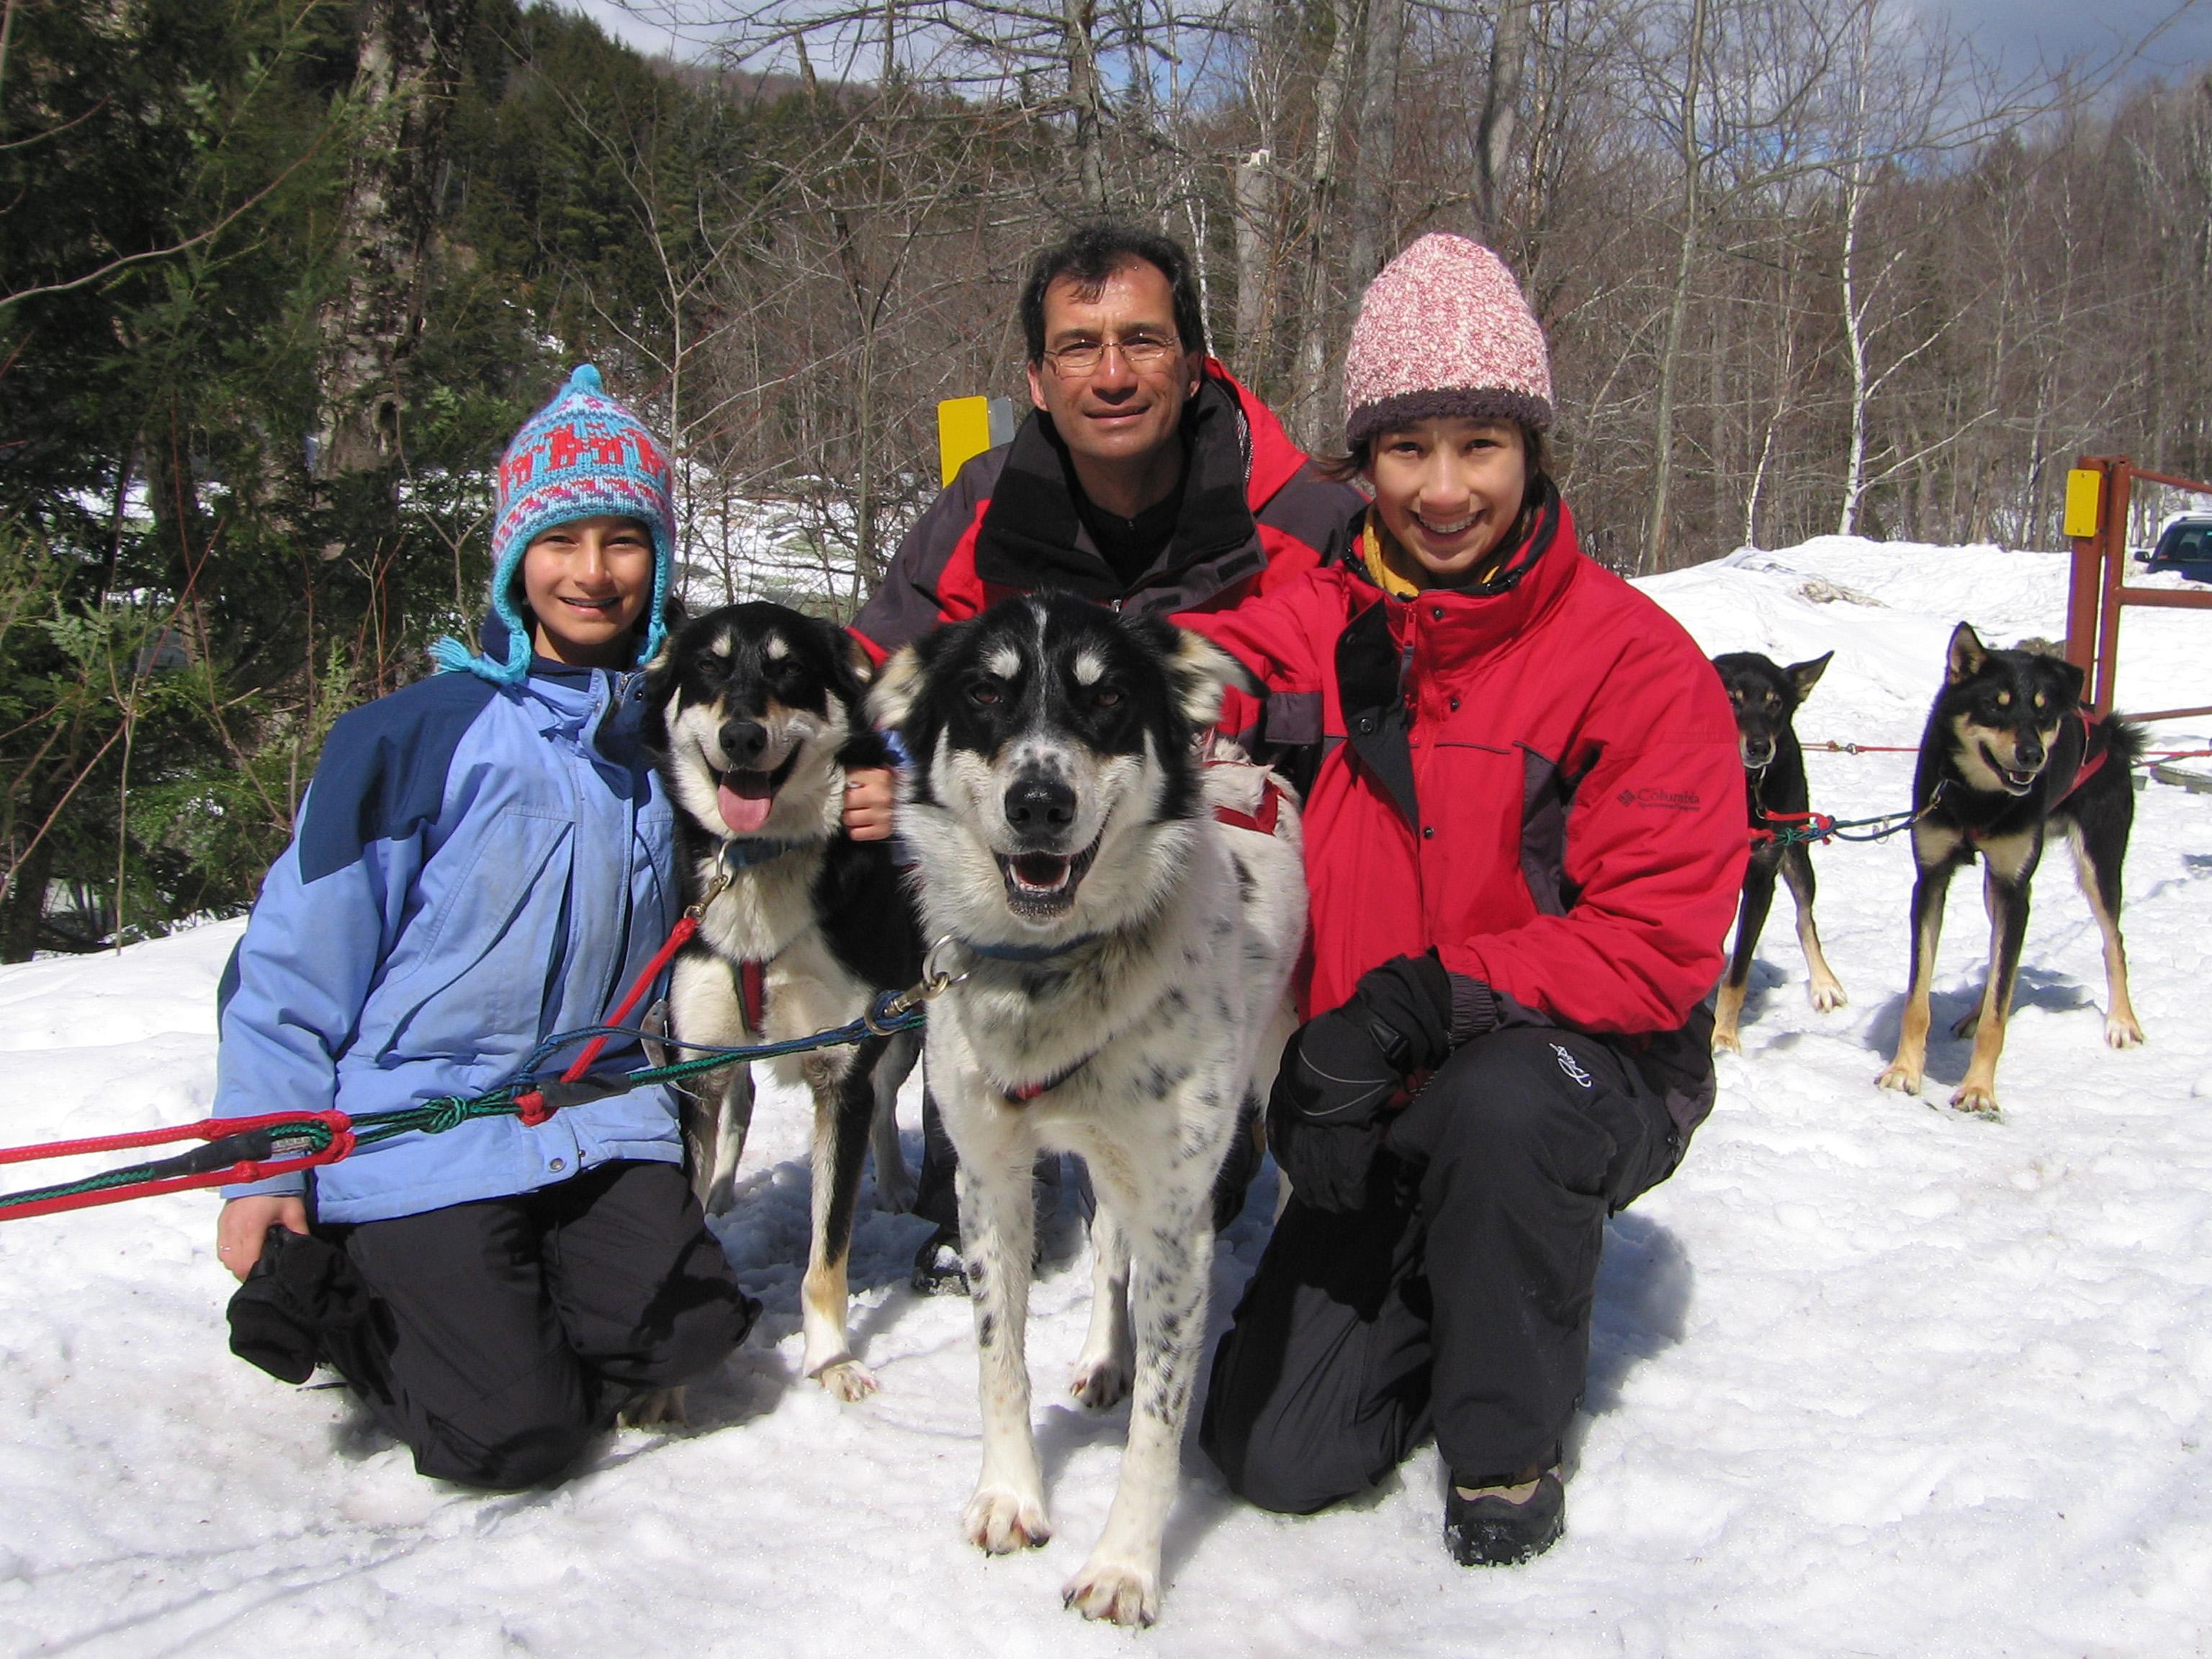 New England Dogsledding